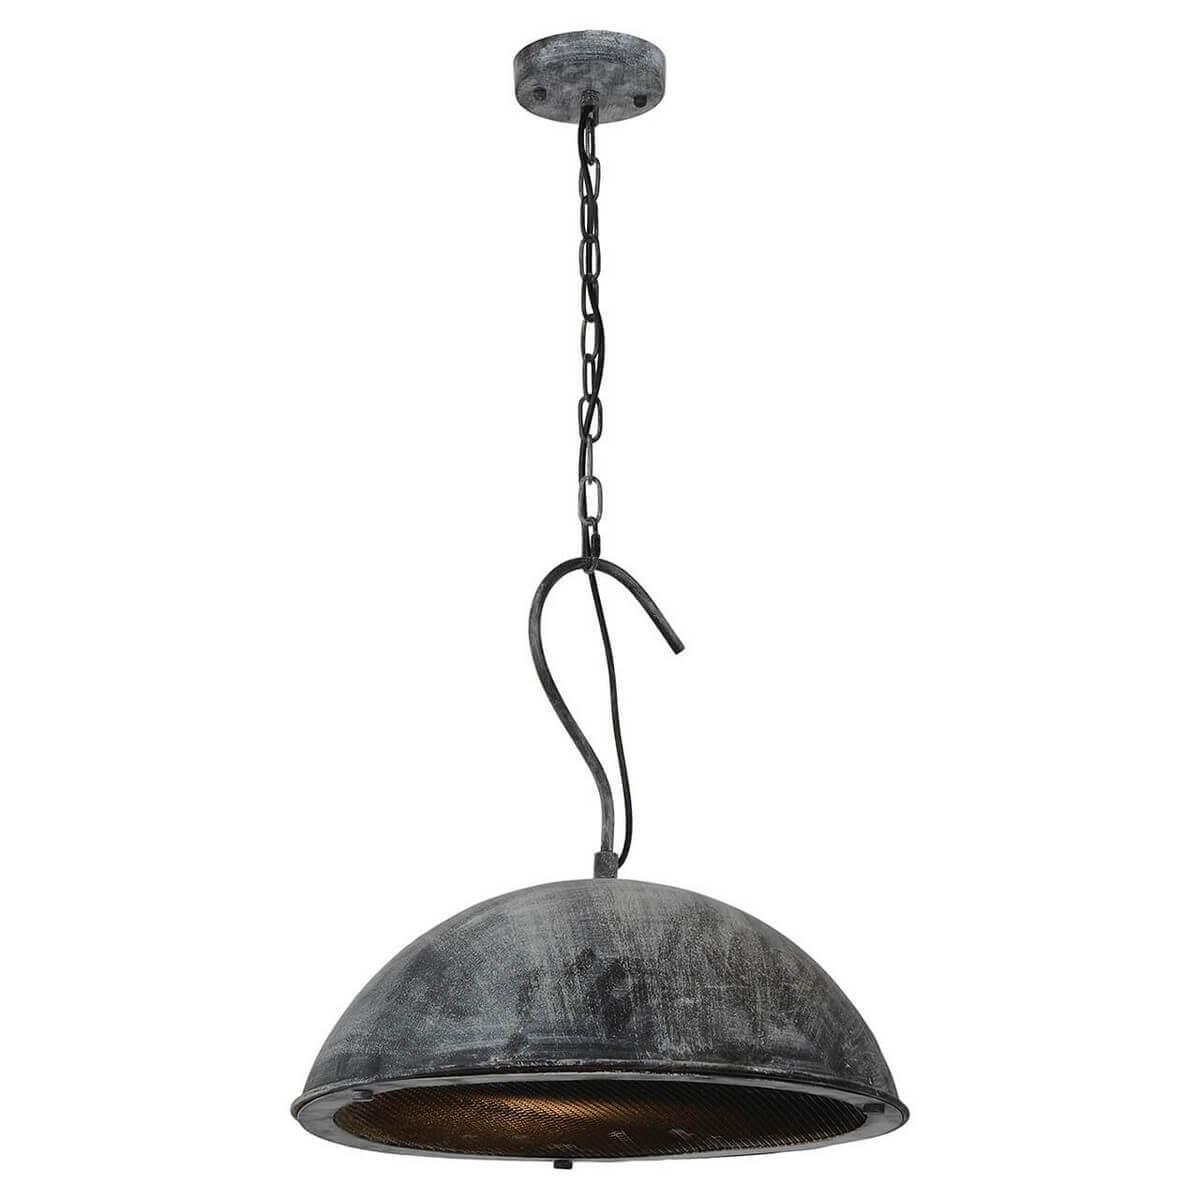 Подвесной светильник Lussole Loft GRLSP-9893 подвесной светильник lussole grlsp 9856 серый